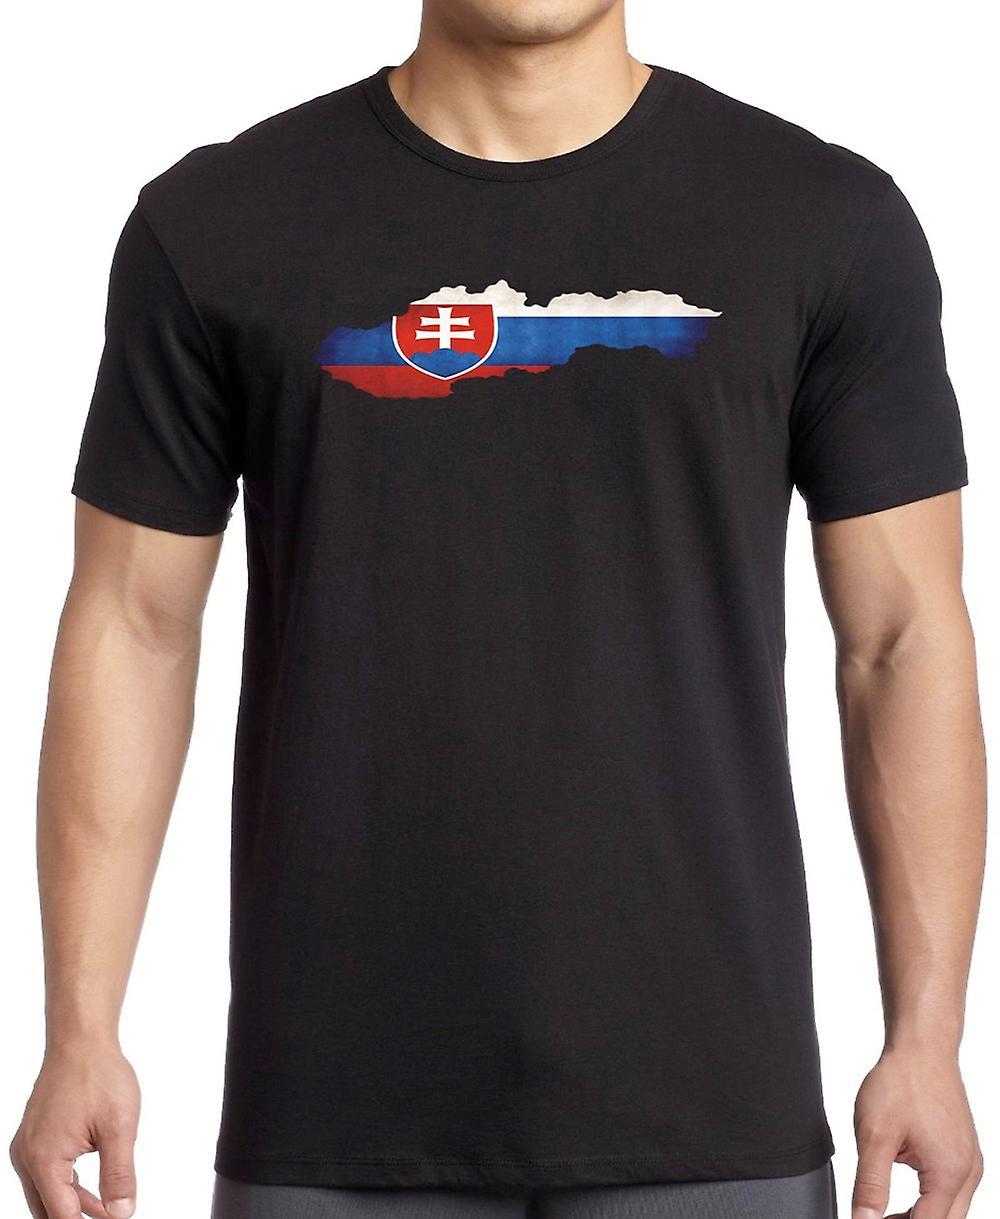 Bandera de Eslovaquia mapa T Shirt